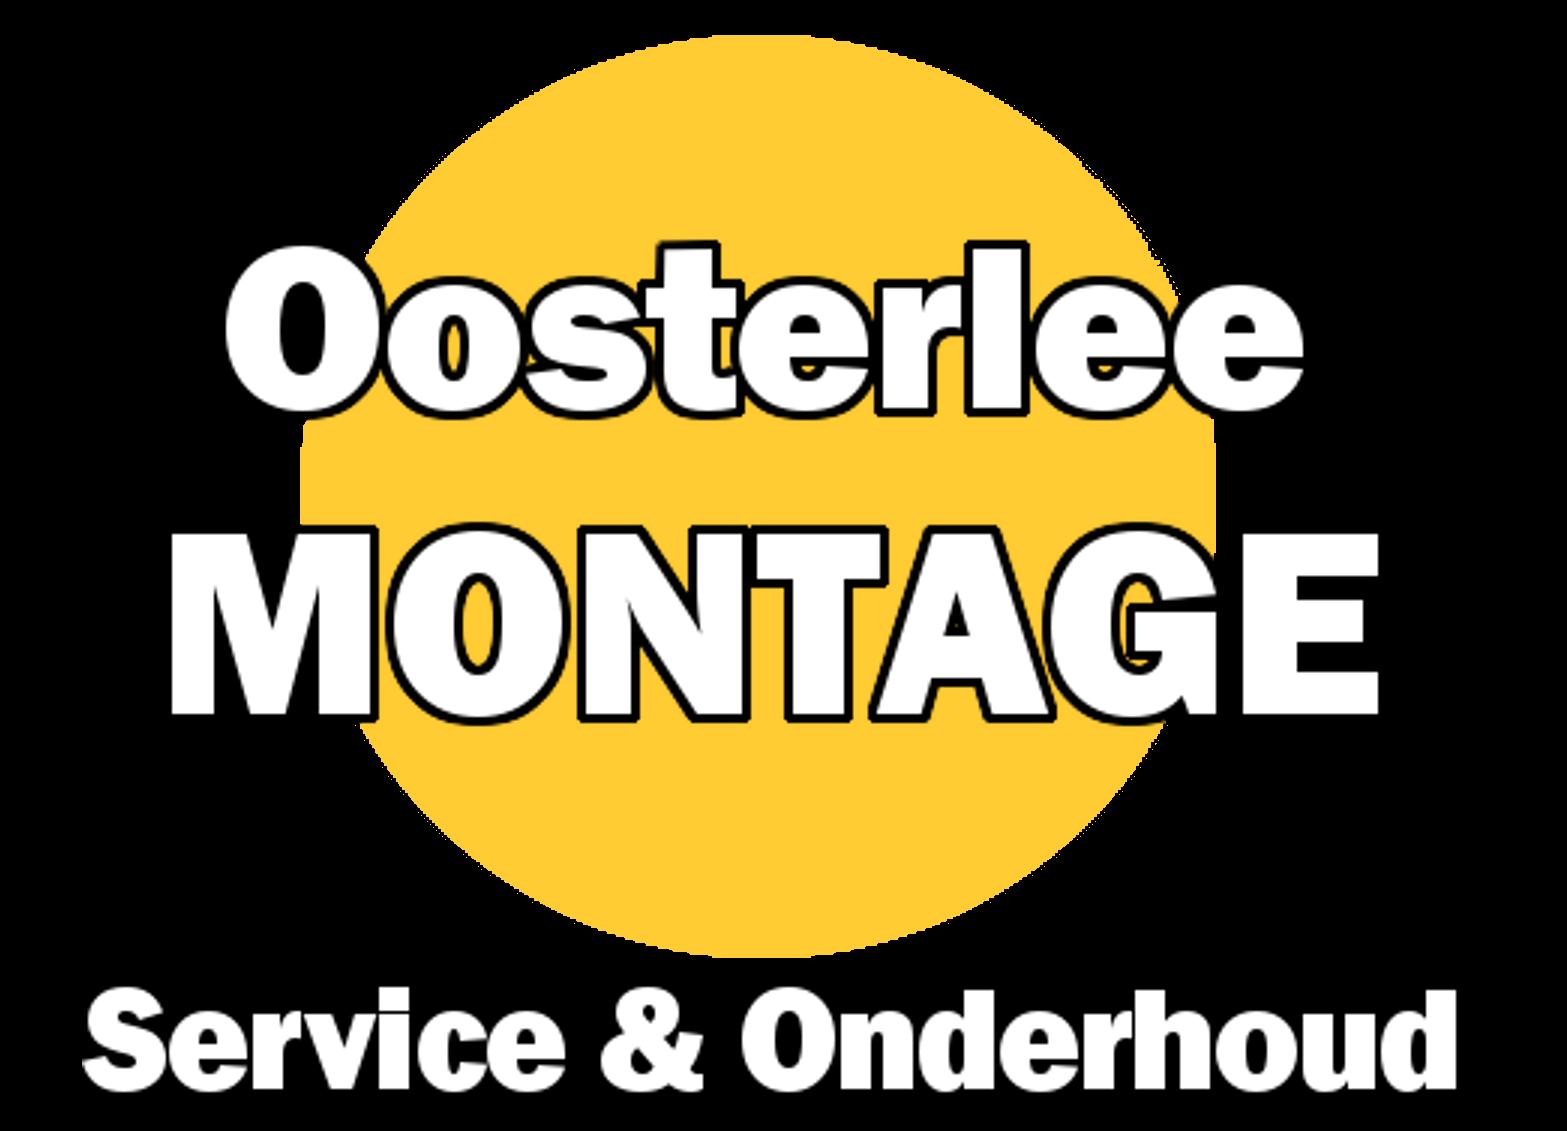 Oosterlee Montage